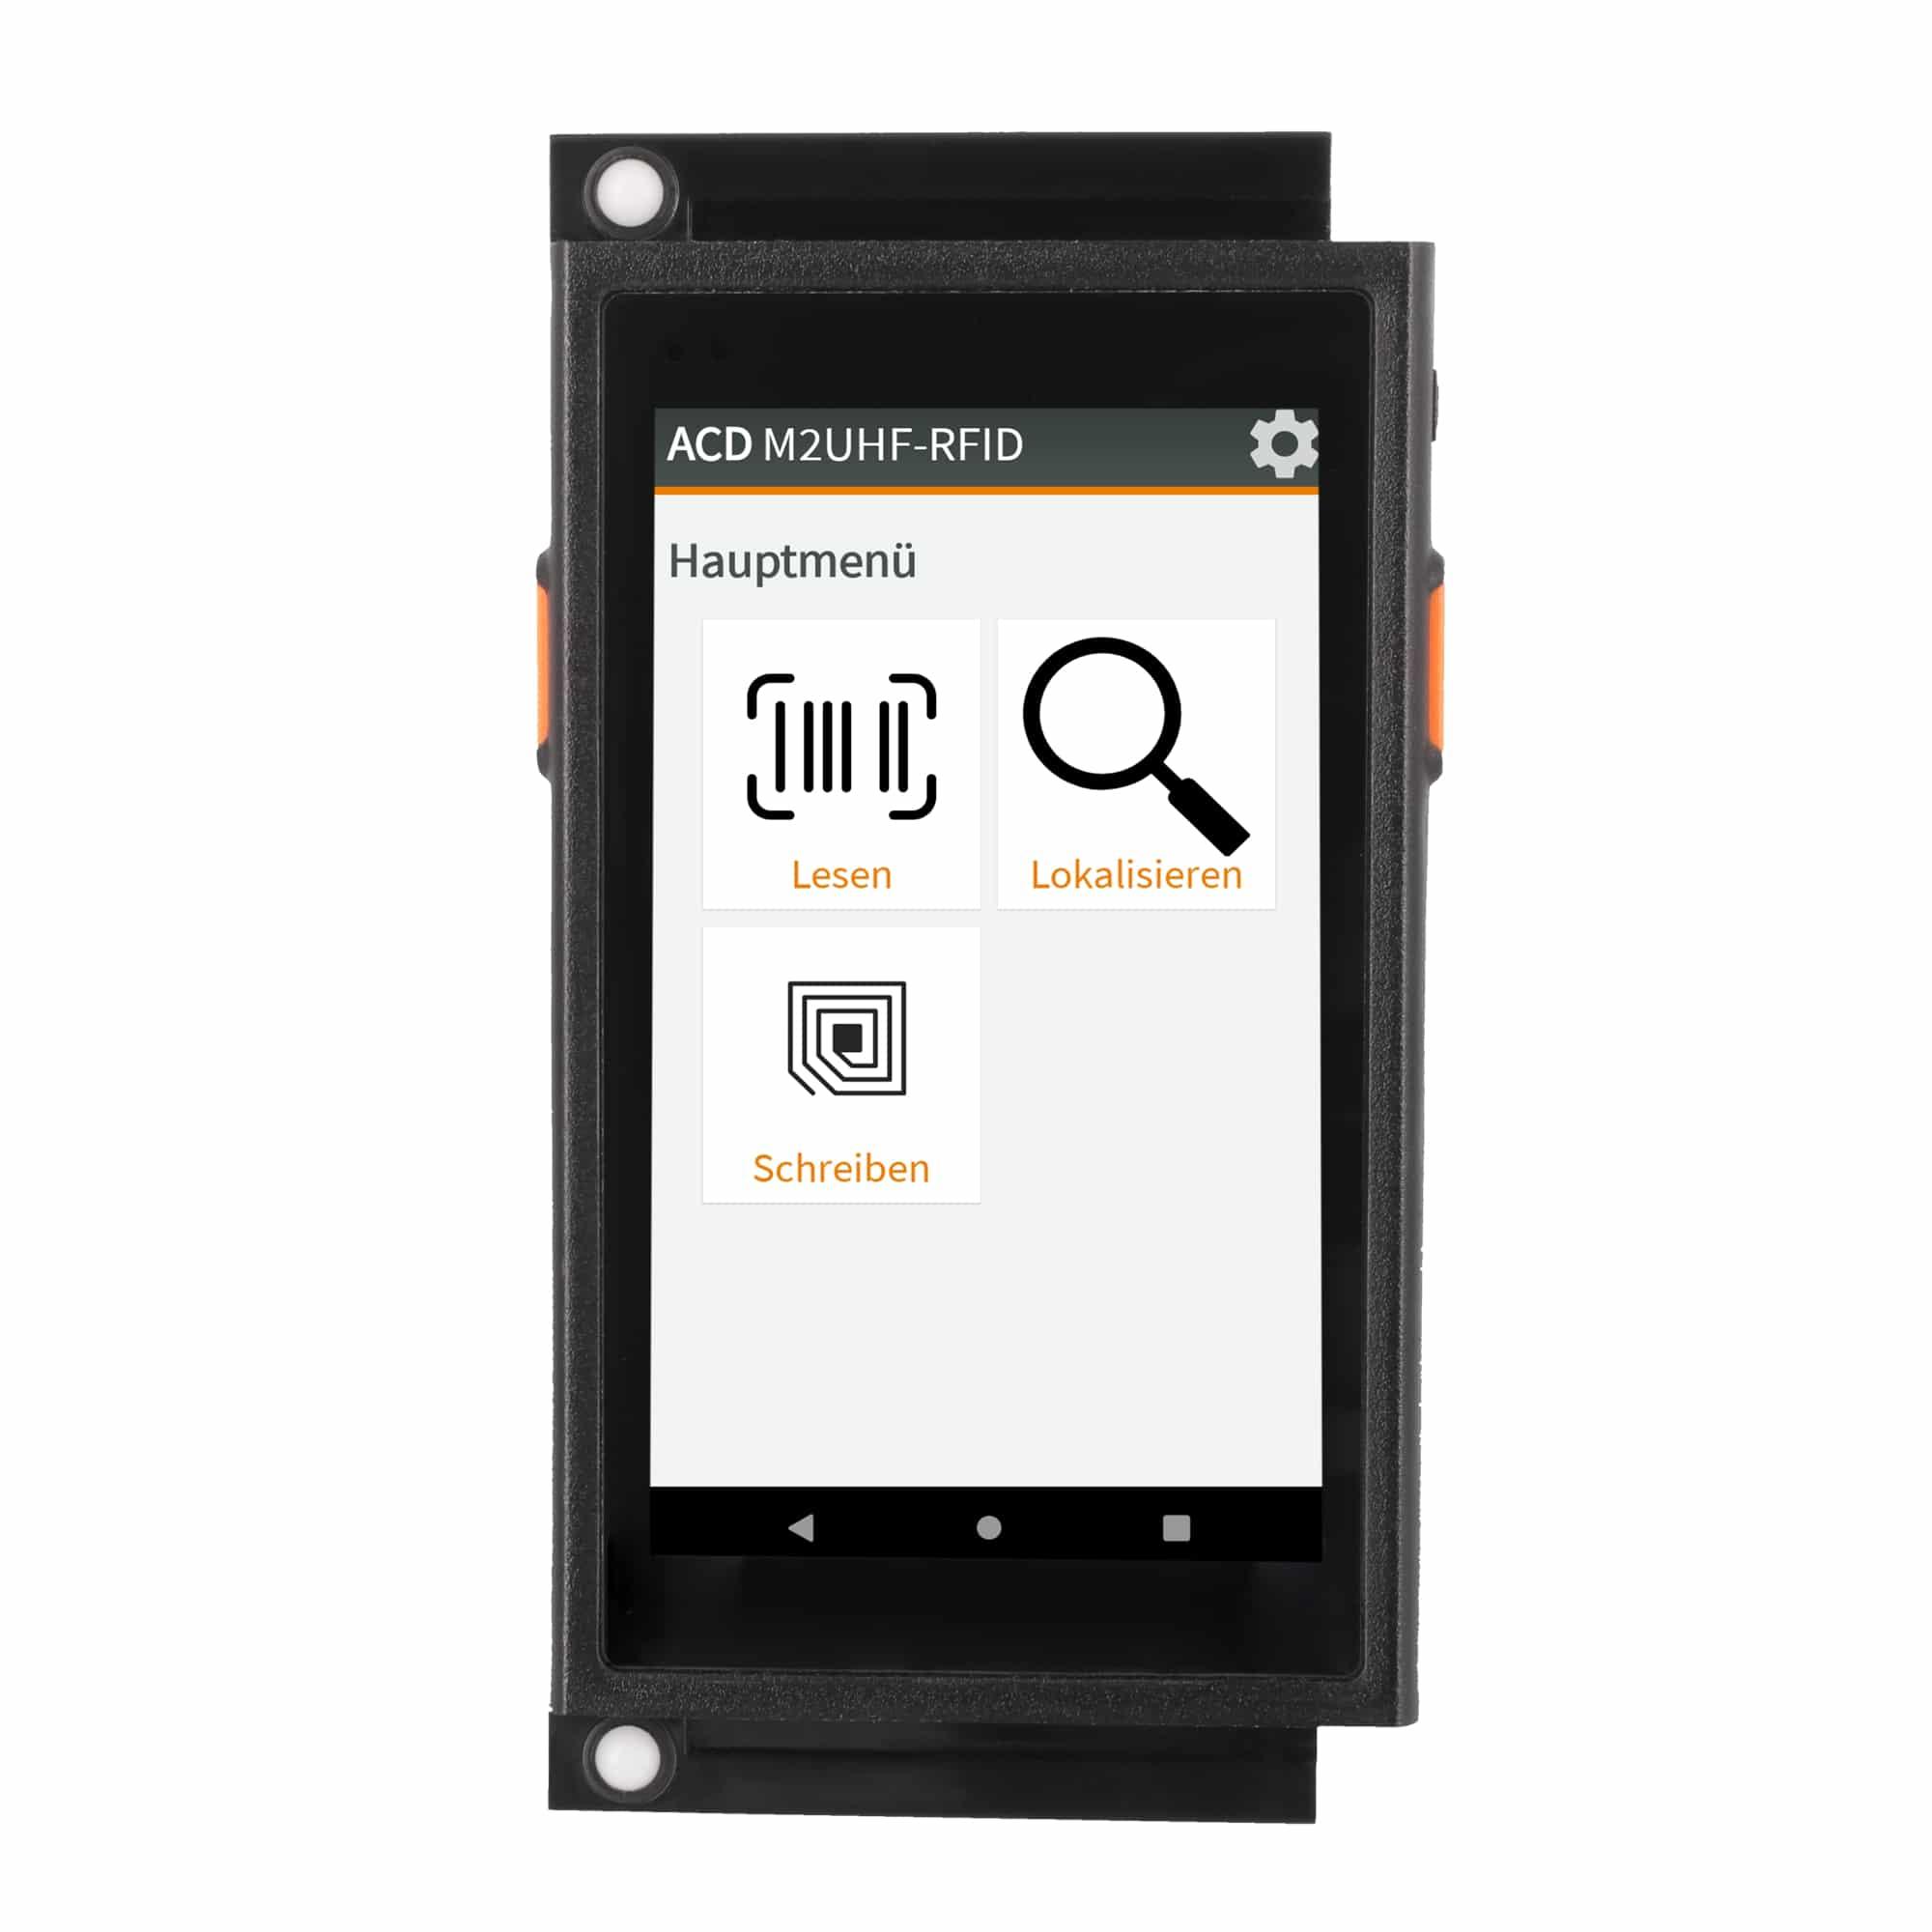 Mobiler Handheld Computer M2SmartSE mit RFID + Blindkappen